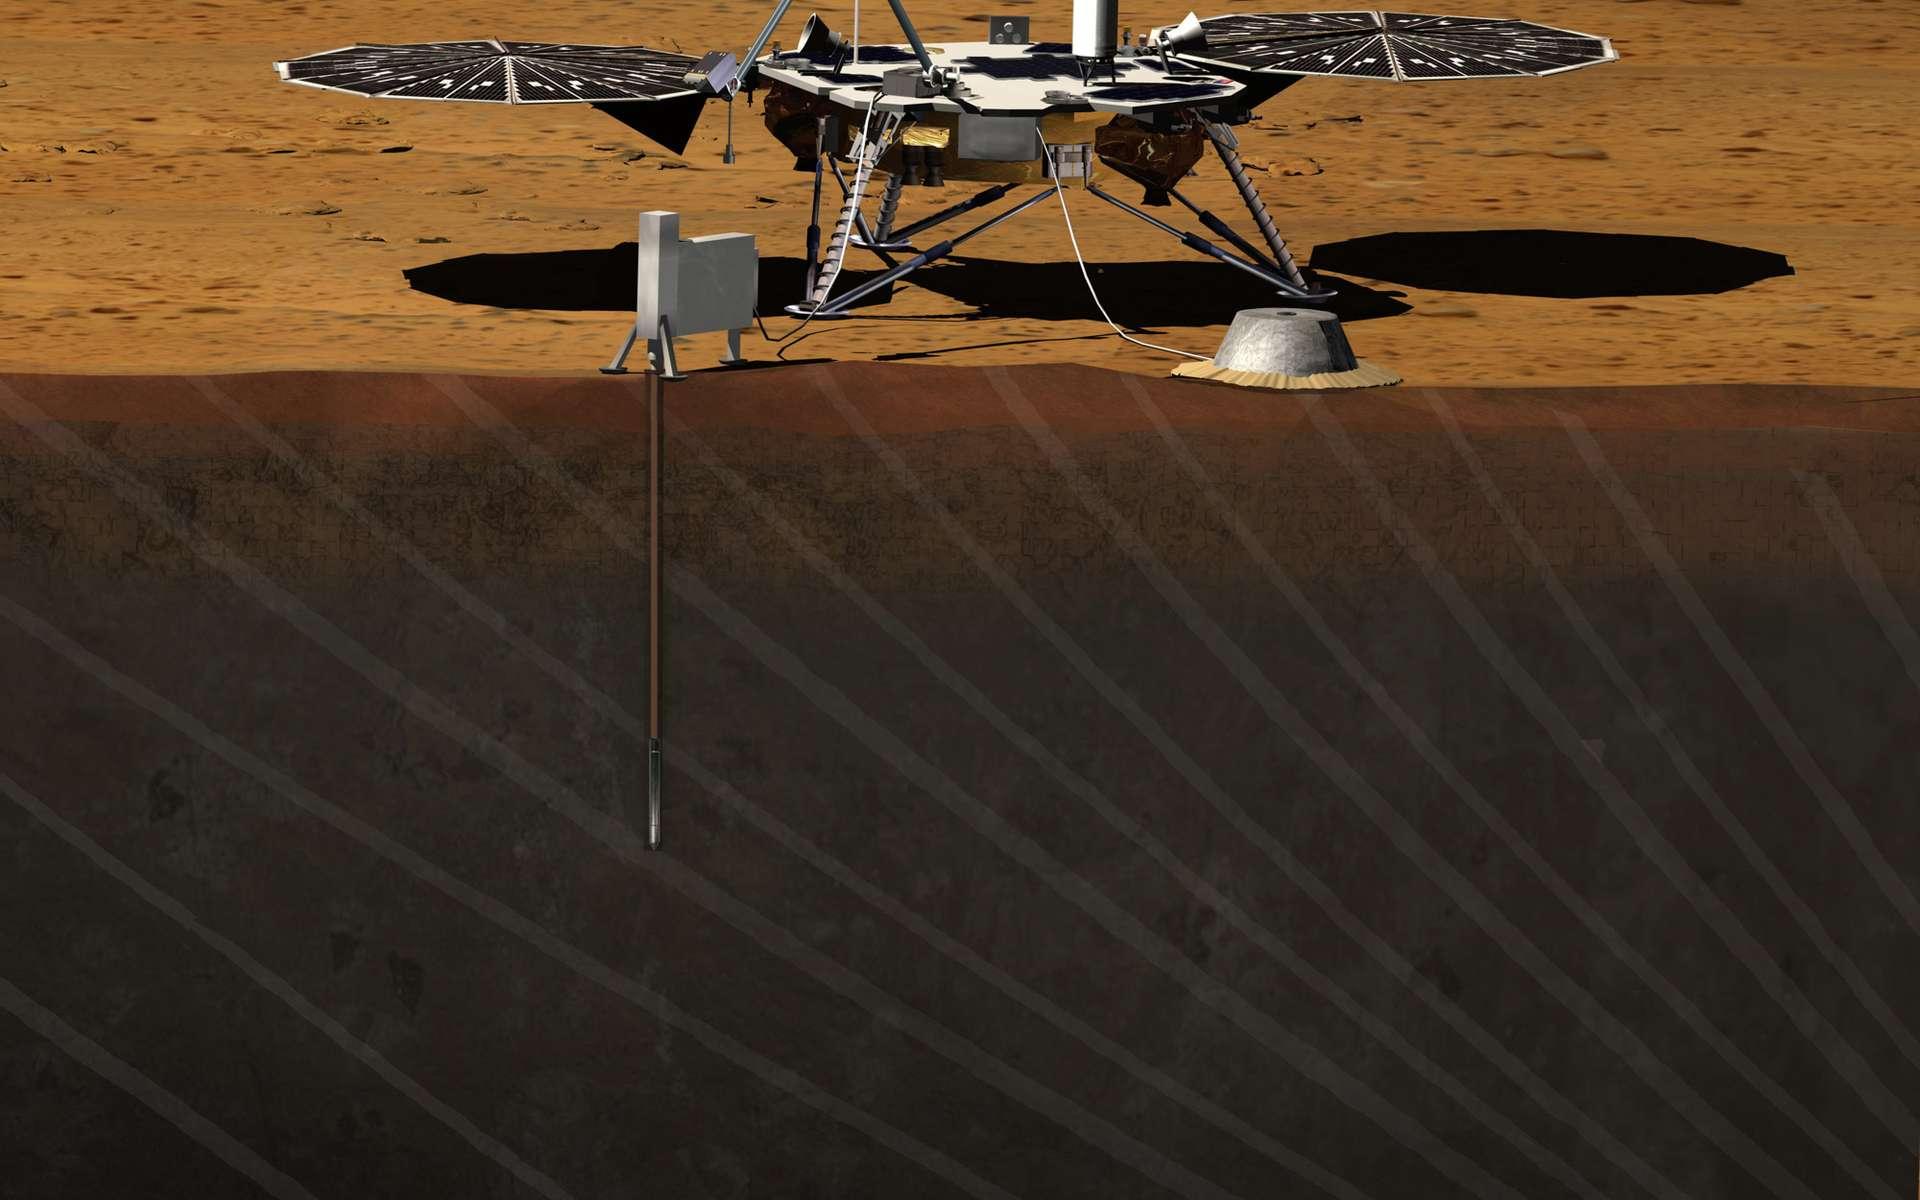 Pour sa prochaine mission sur la surface martienne, la Nasa opte pour un lander. Insight, c'est son nom, explorera le sous-sol de Mars d'une façon qui n'a encore jamais été faite. Premières données attendues en septembre-octobre 2016. © Nasa/JPL-Caltech